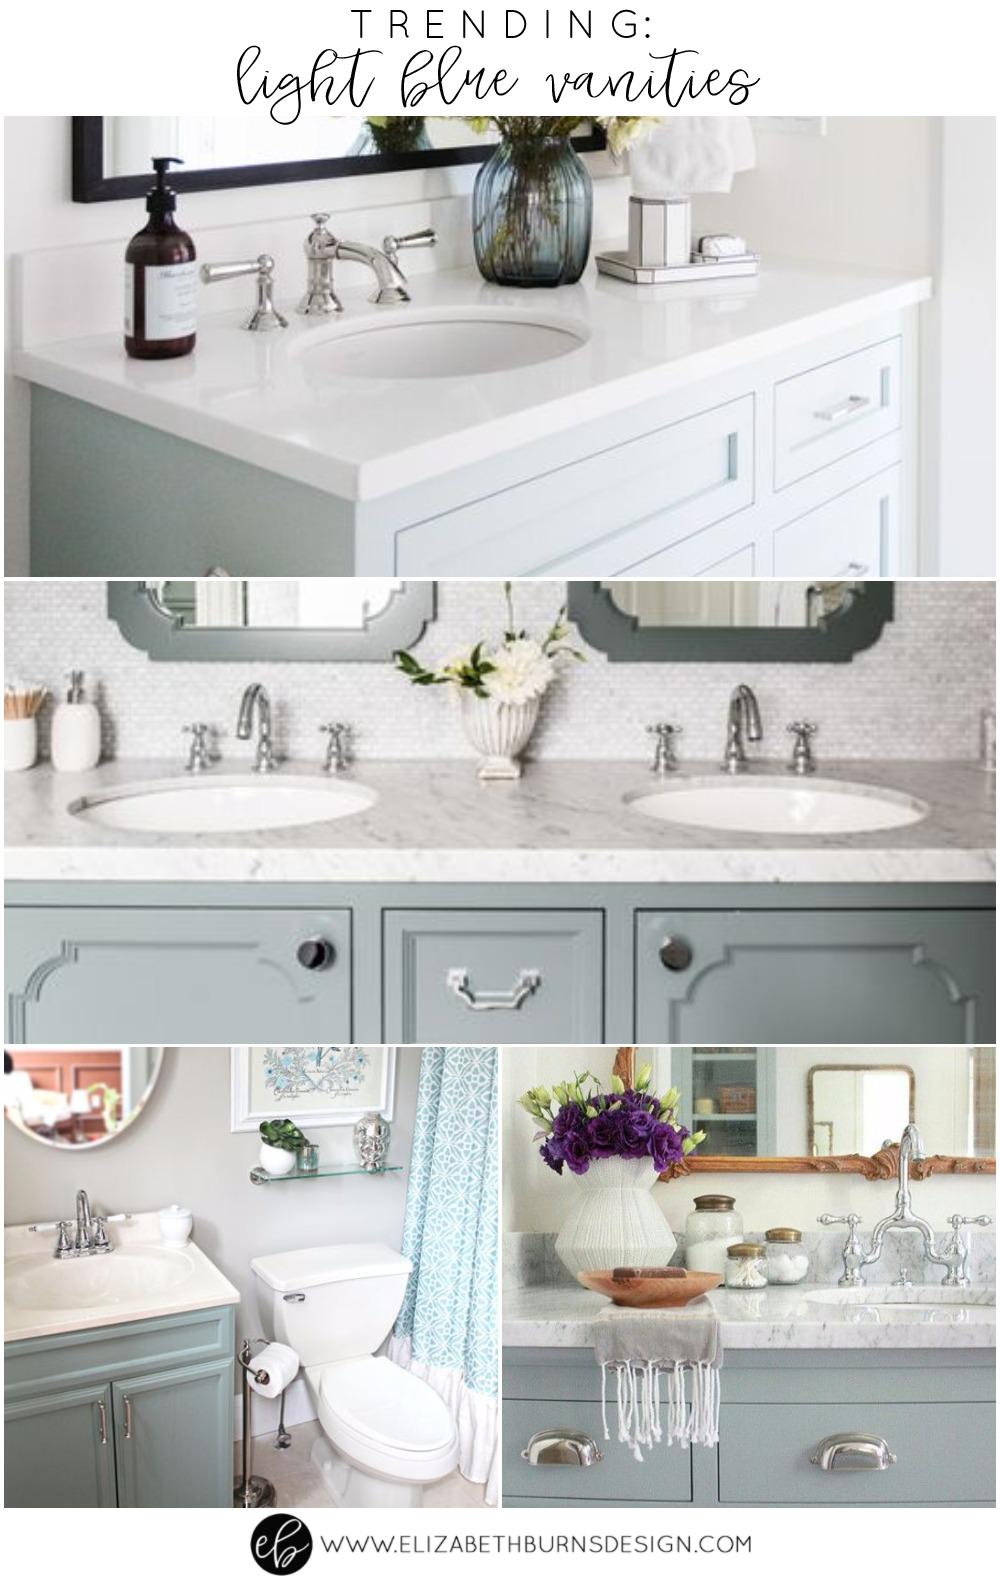 Elizabeth Burns Design | Trending - Light Blue Bathroom Vanities